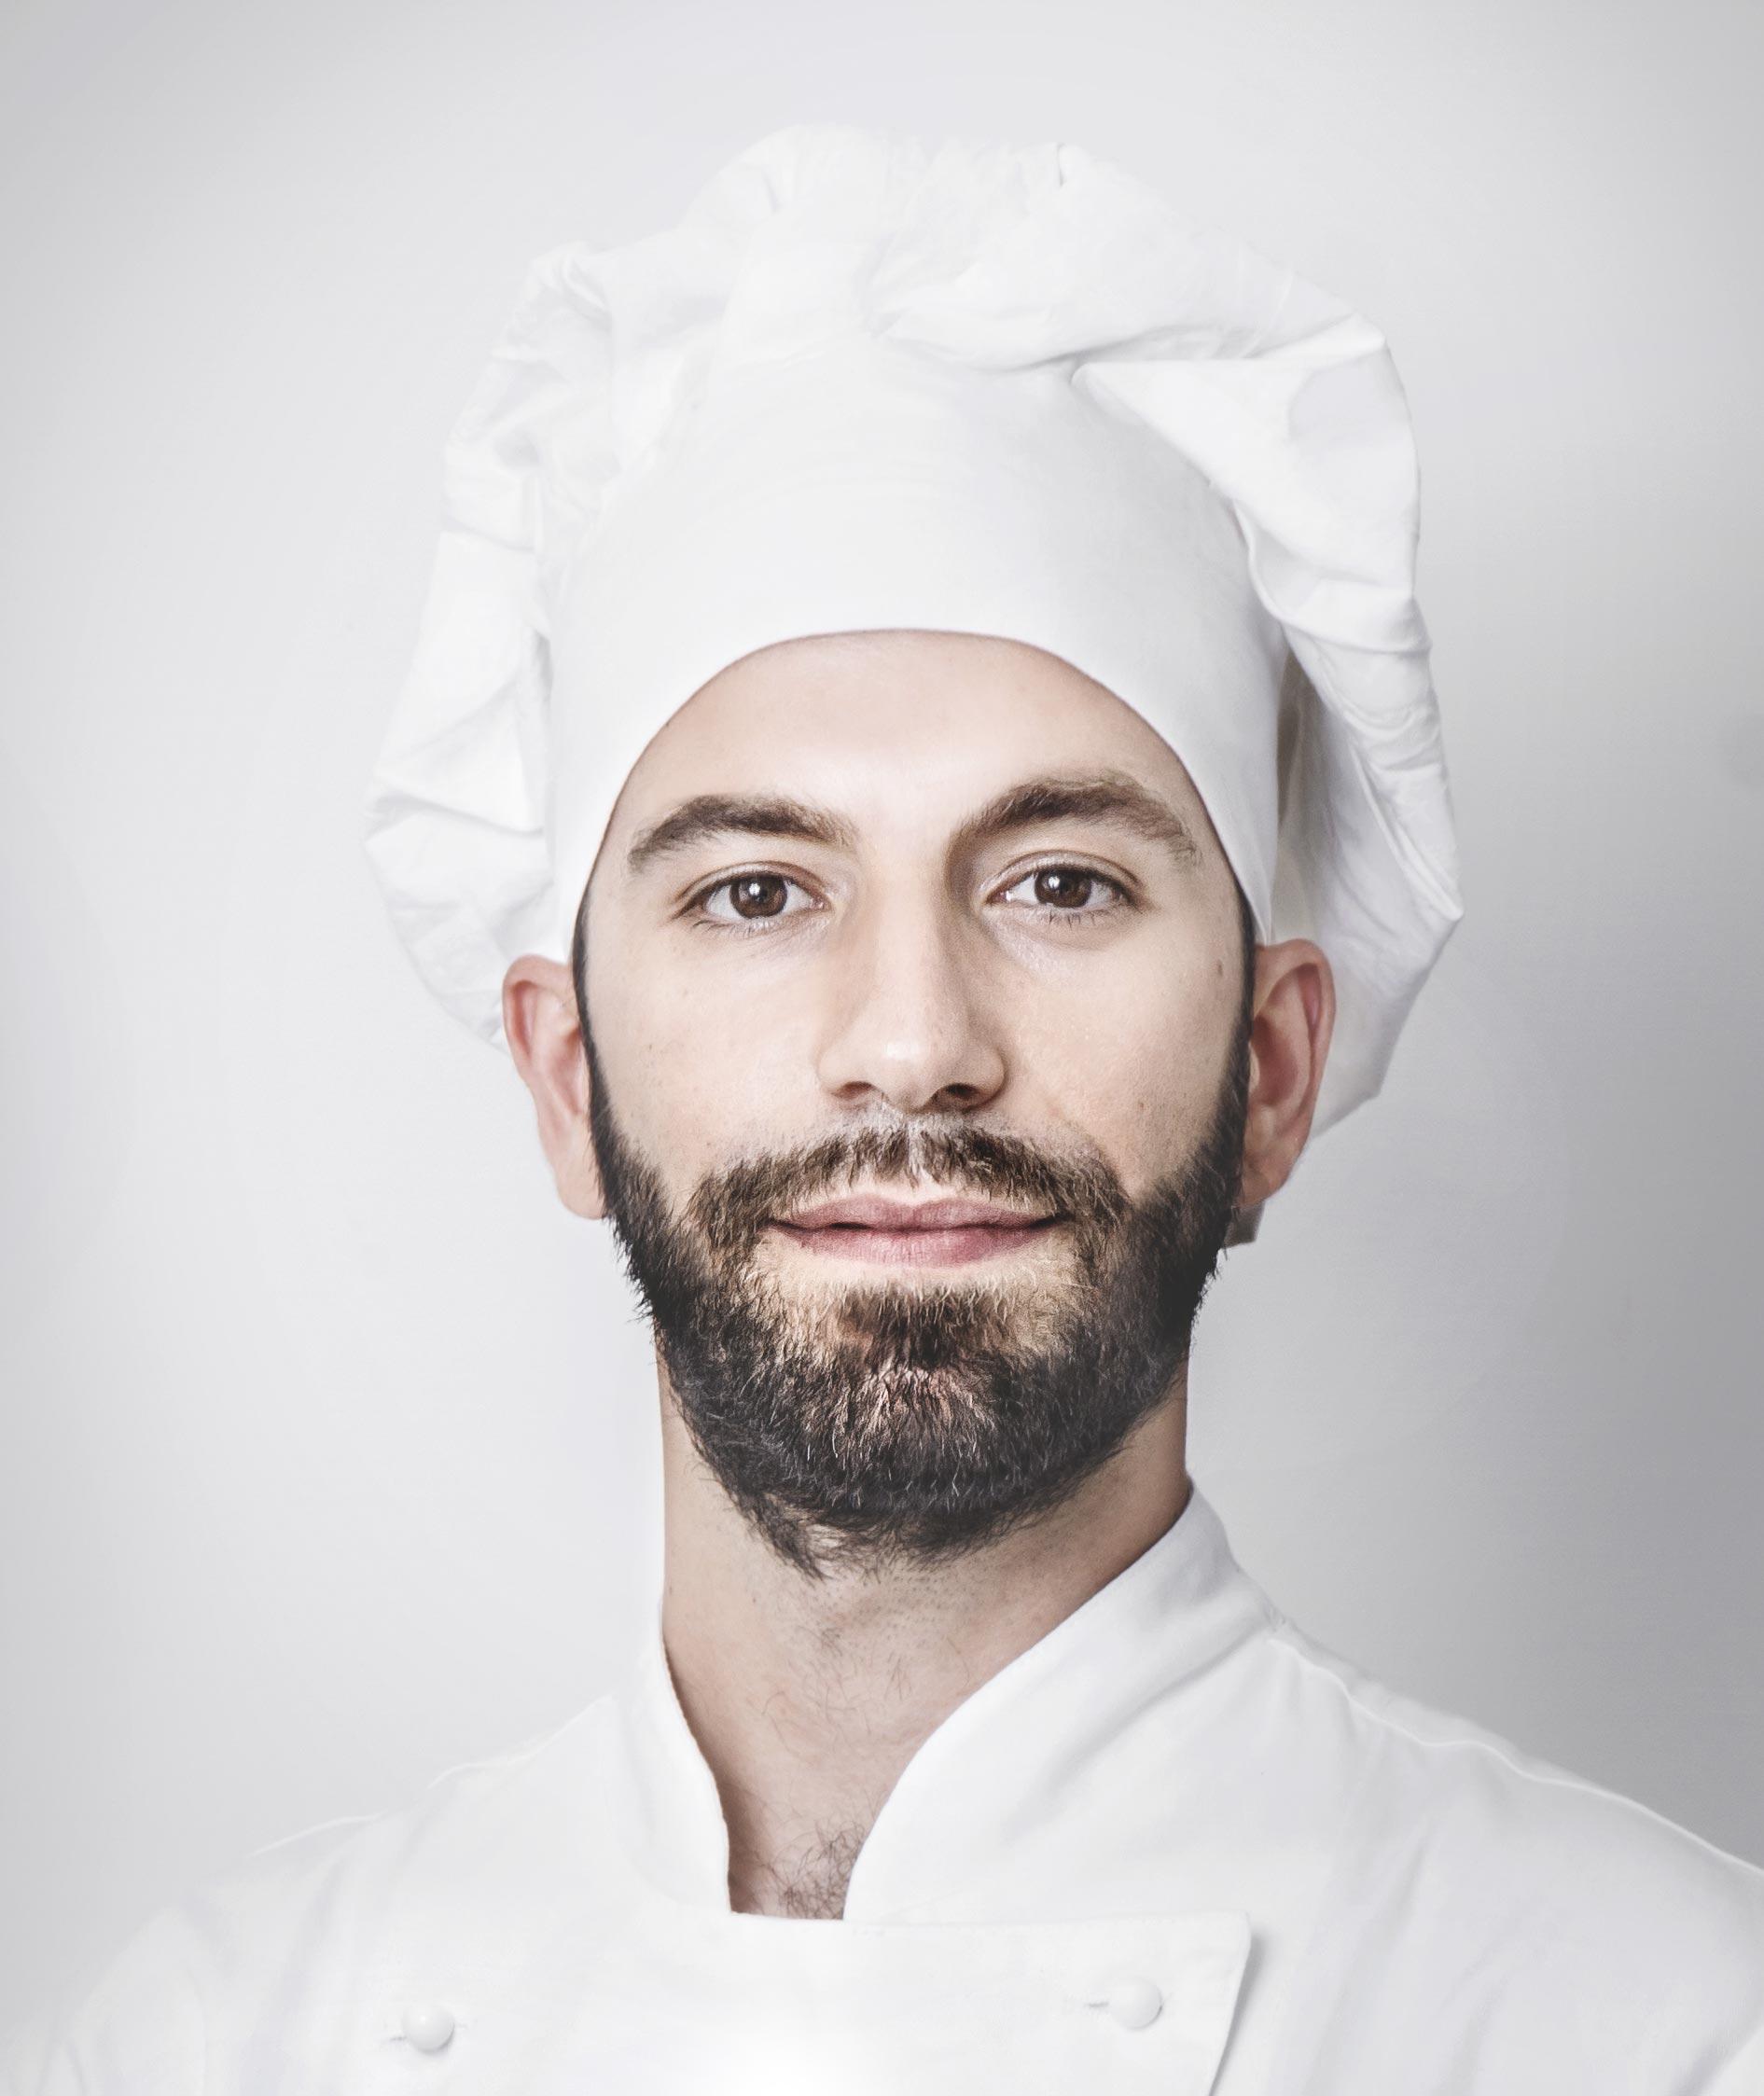 Fiore - Humus natura di chef